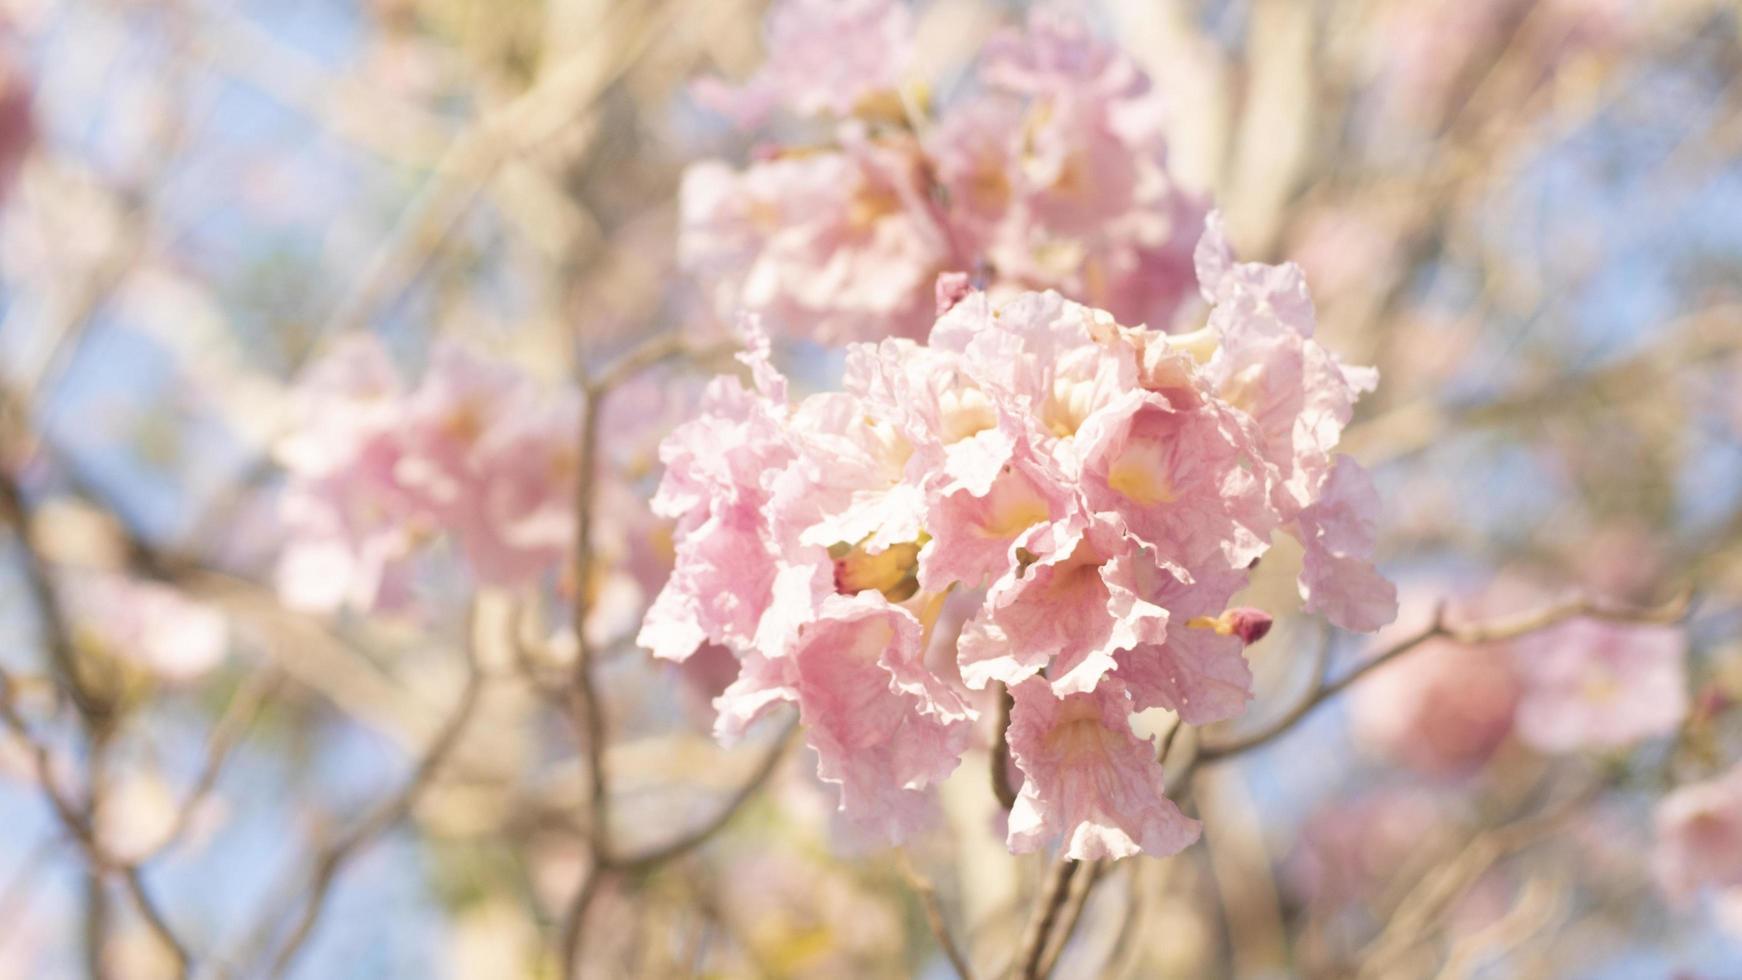 soft focus di fiori che sbocciano rosa foto